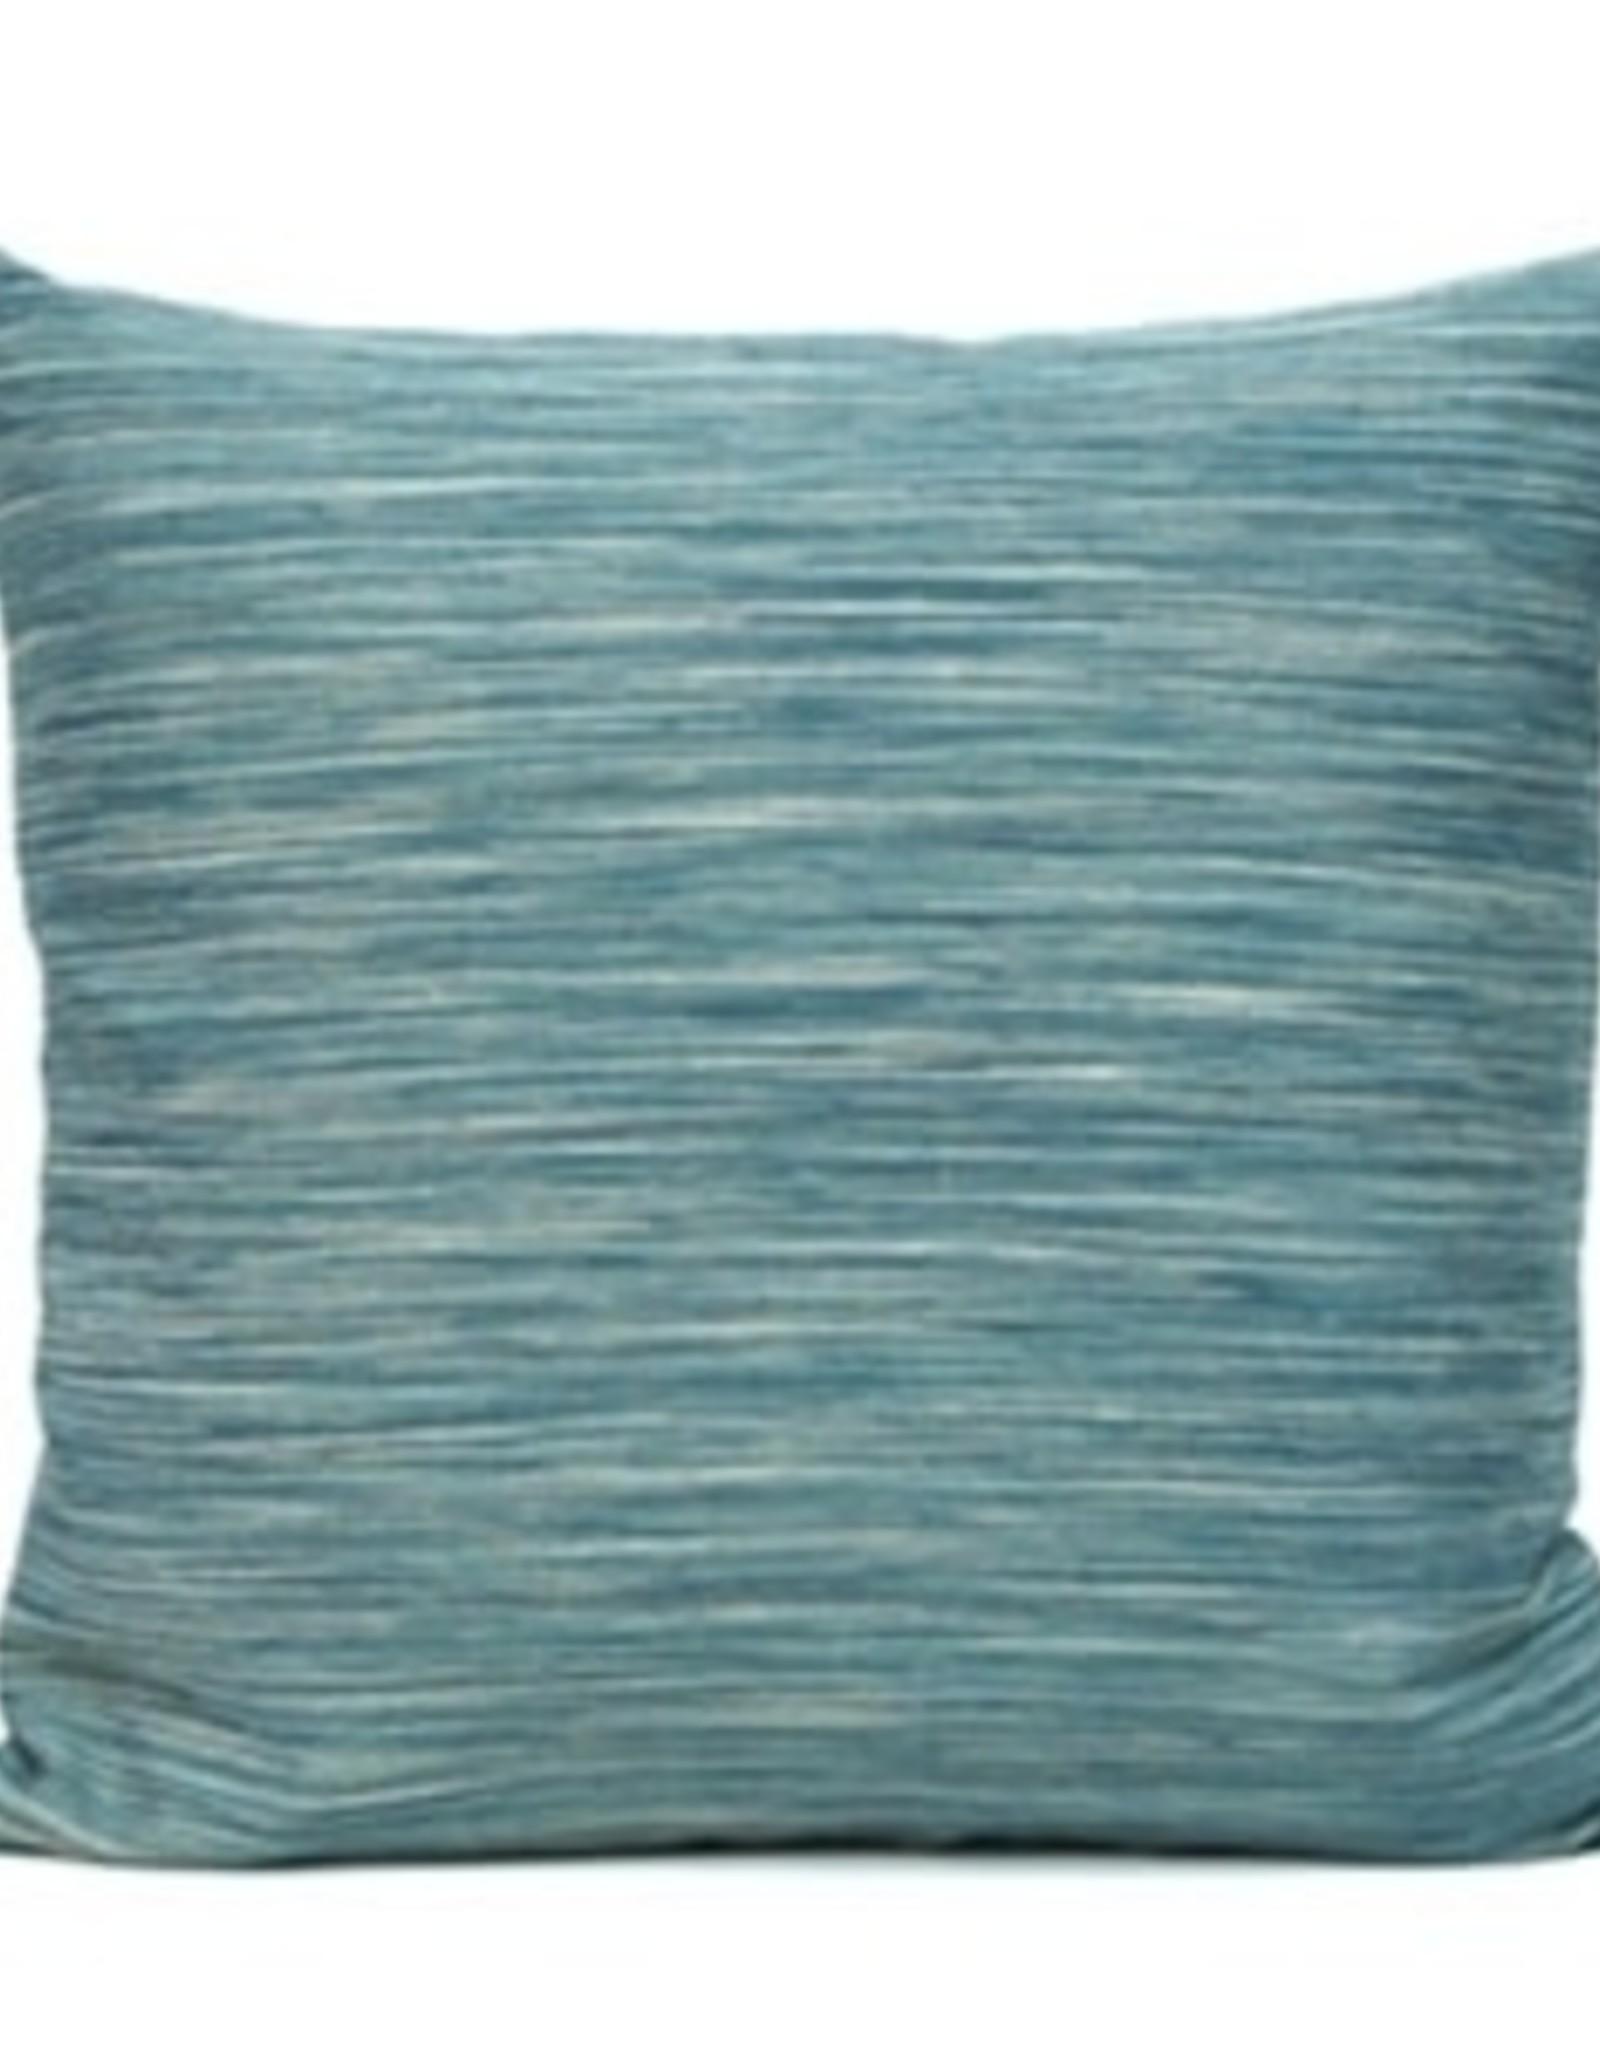 Daniadown Cushions Daniadown Striation